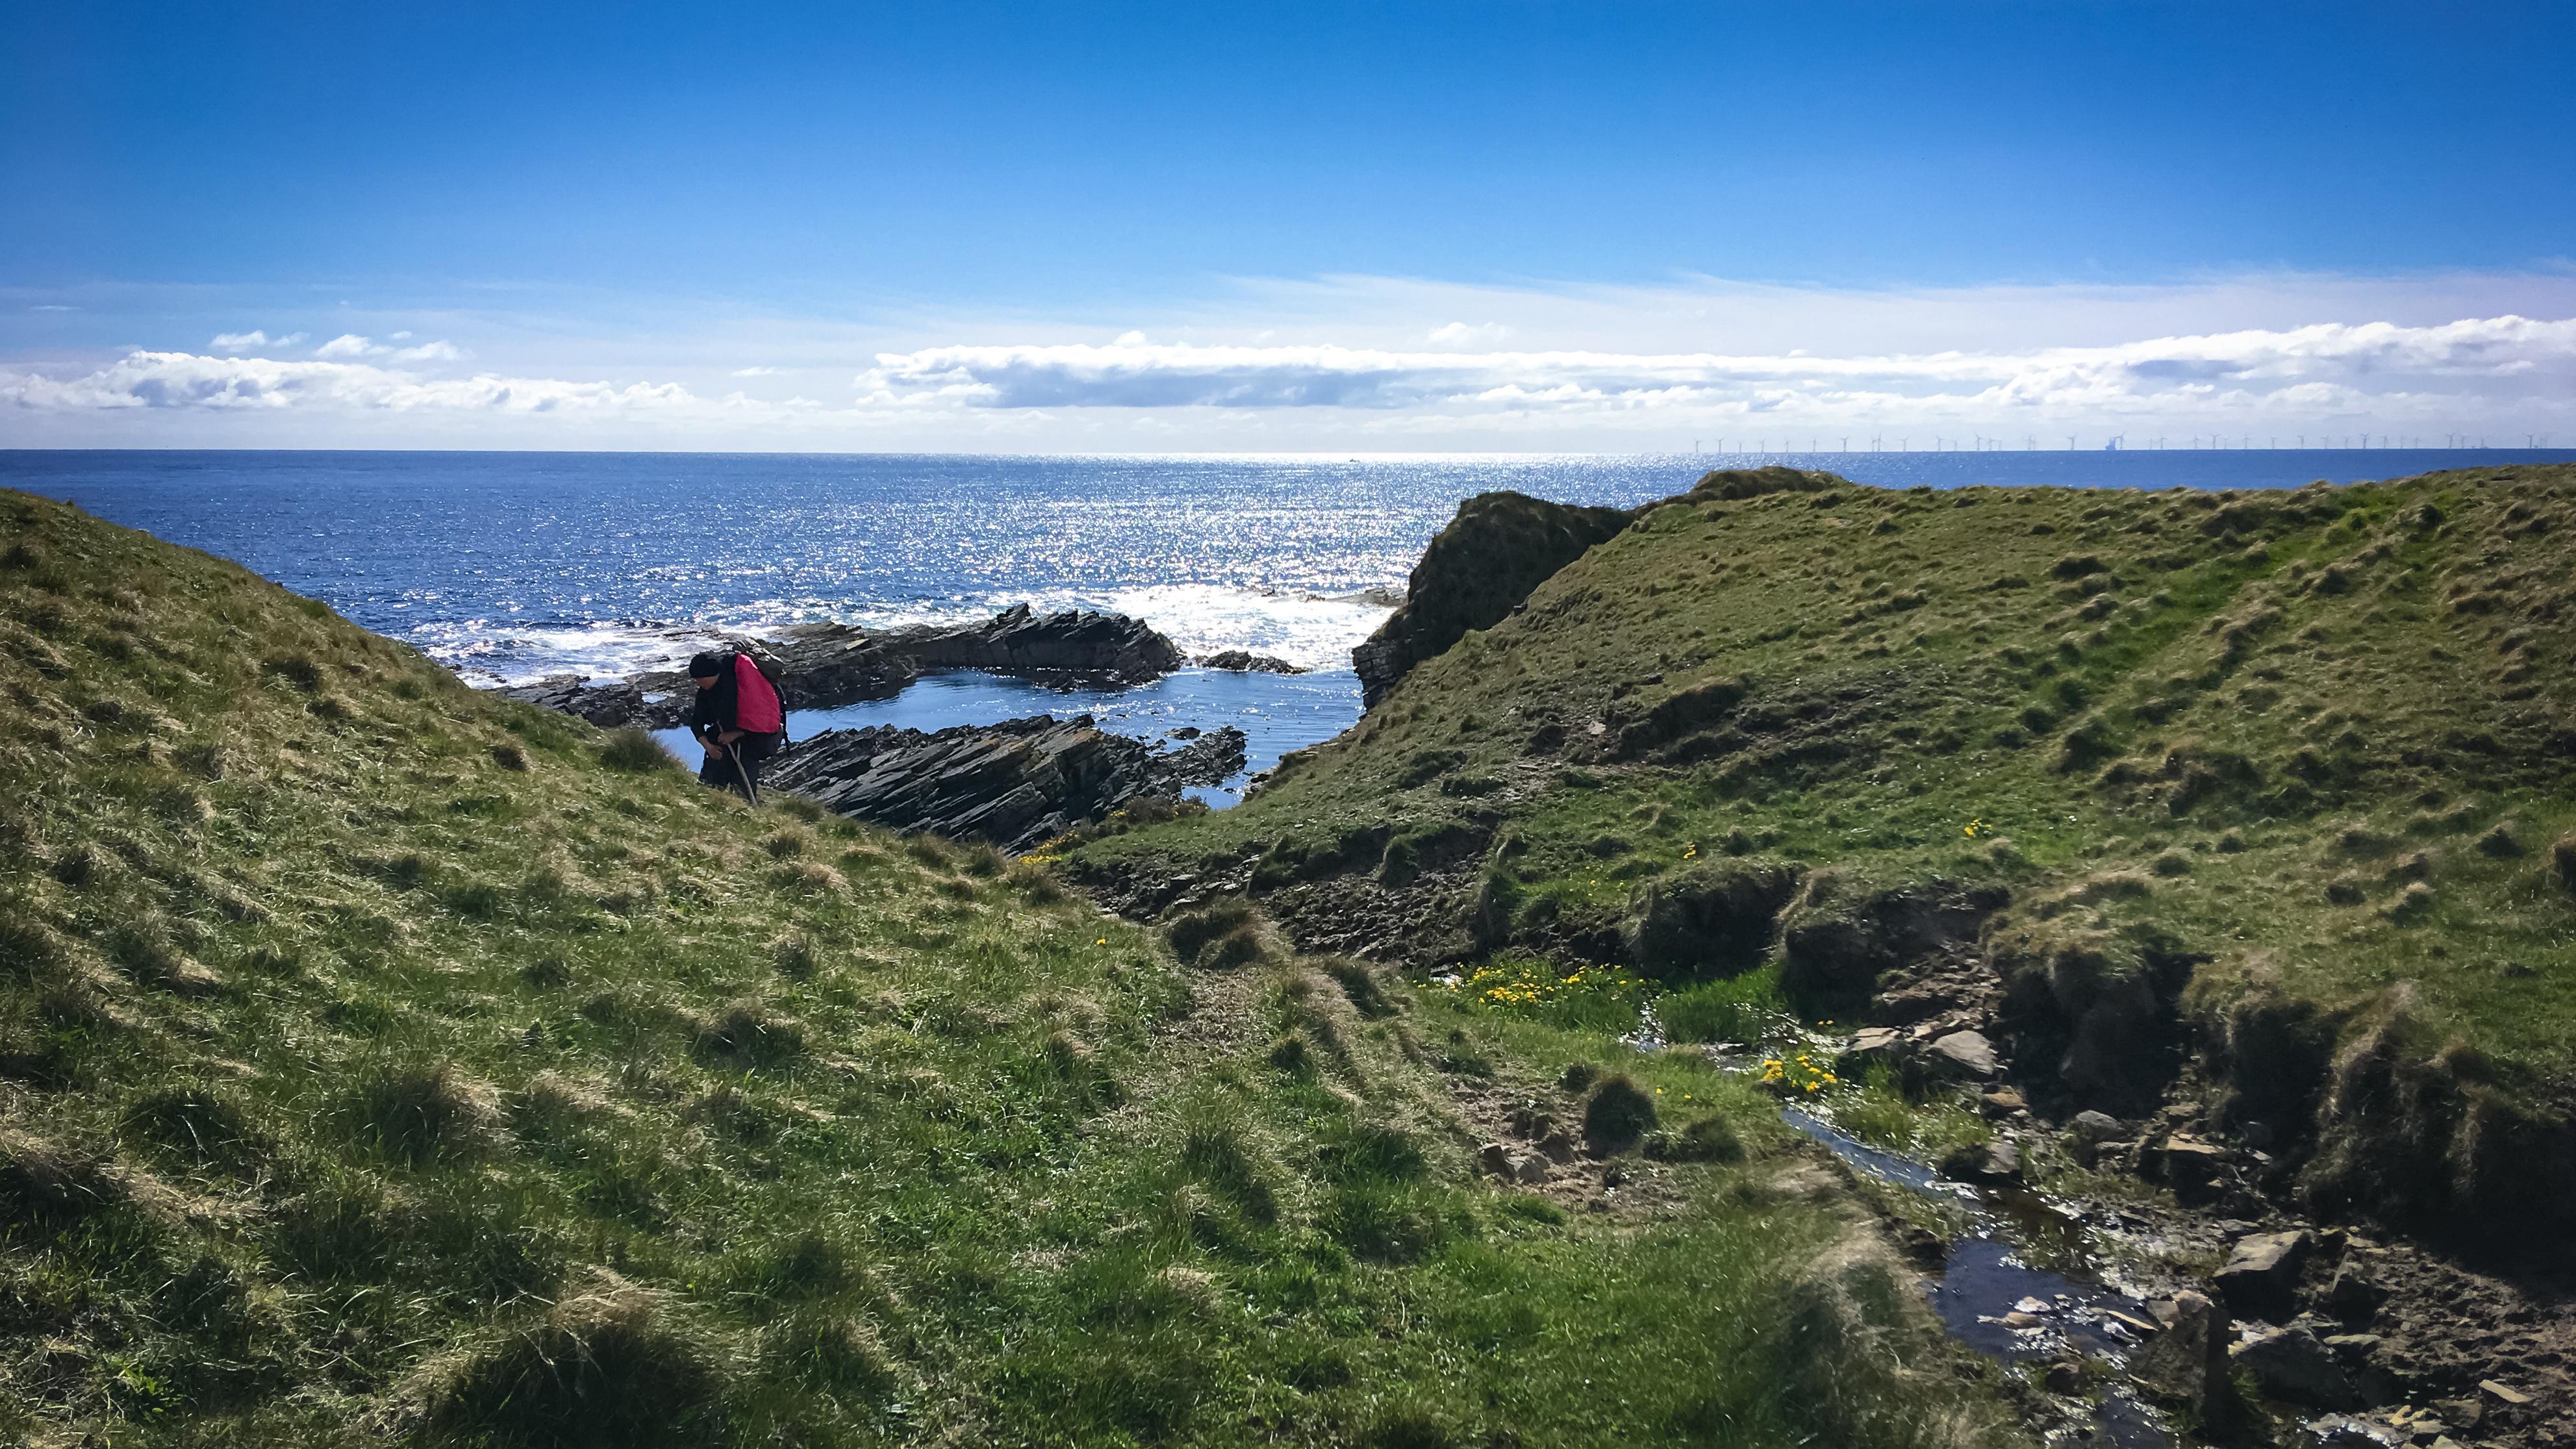 Frau wandert am Meer durch Moorlandschaft mit Bächlein